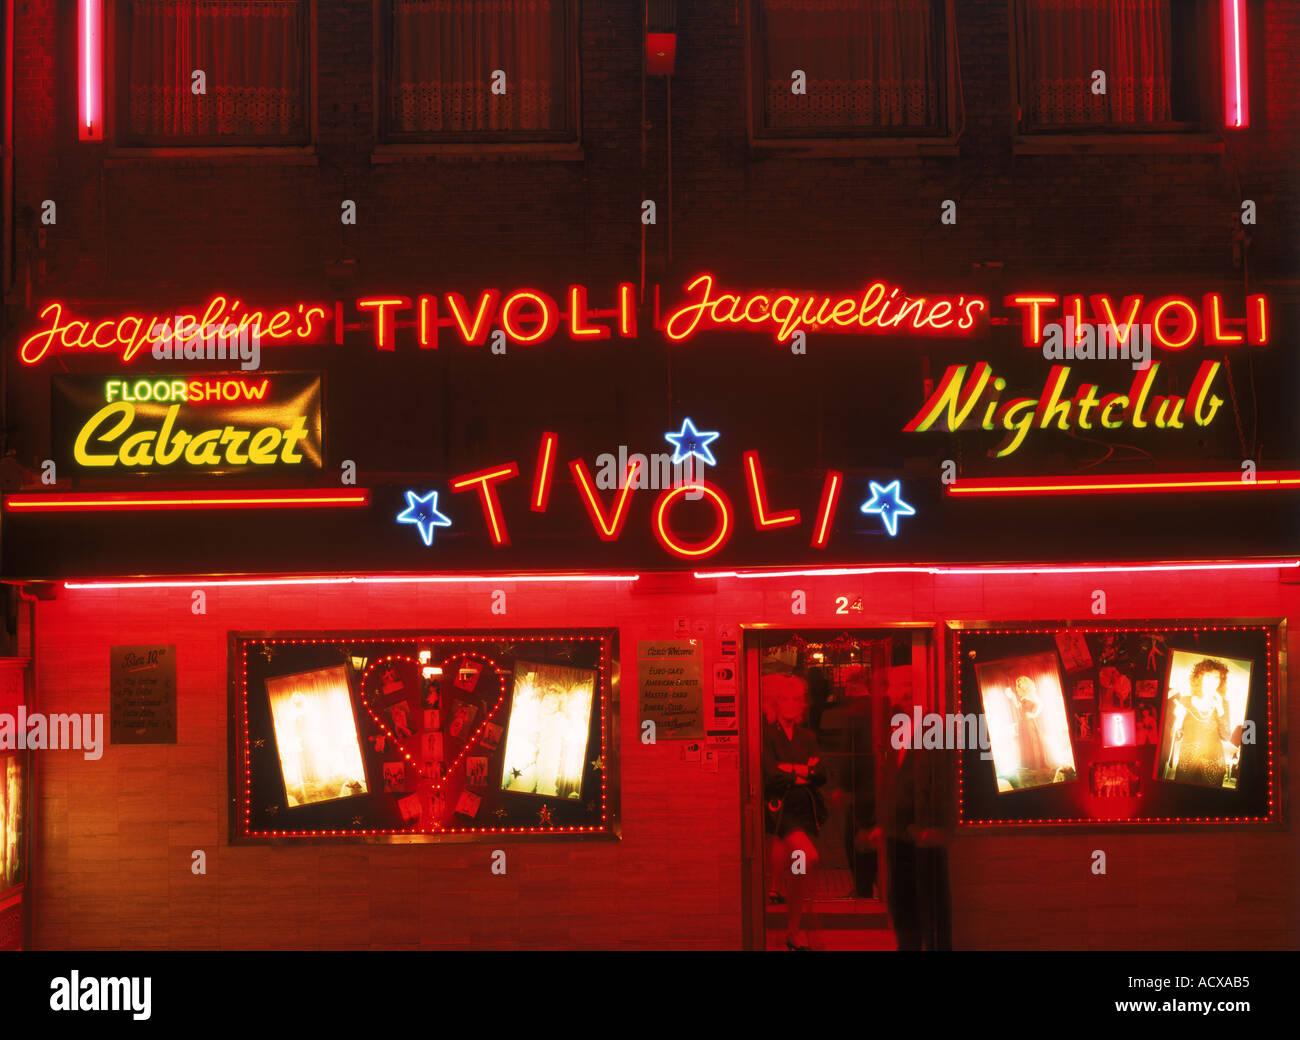 Секс клубы амстердам